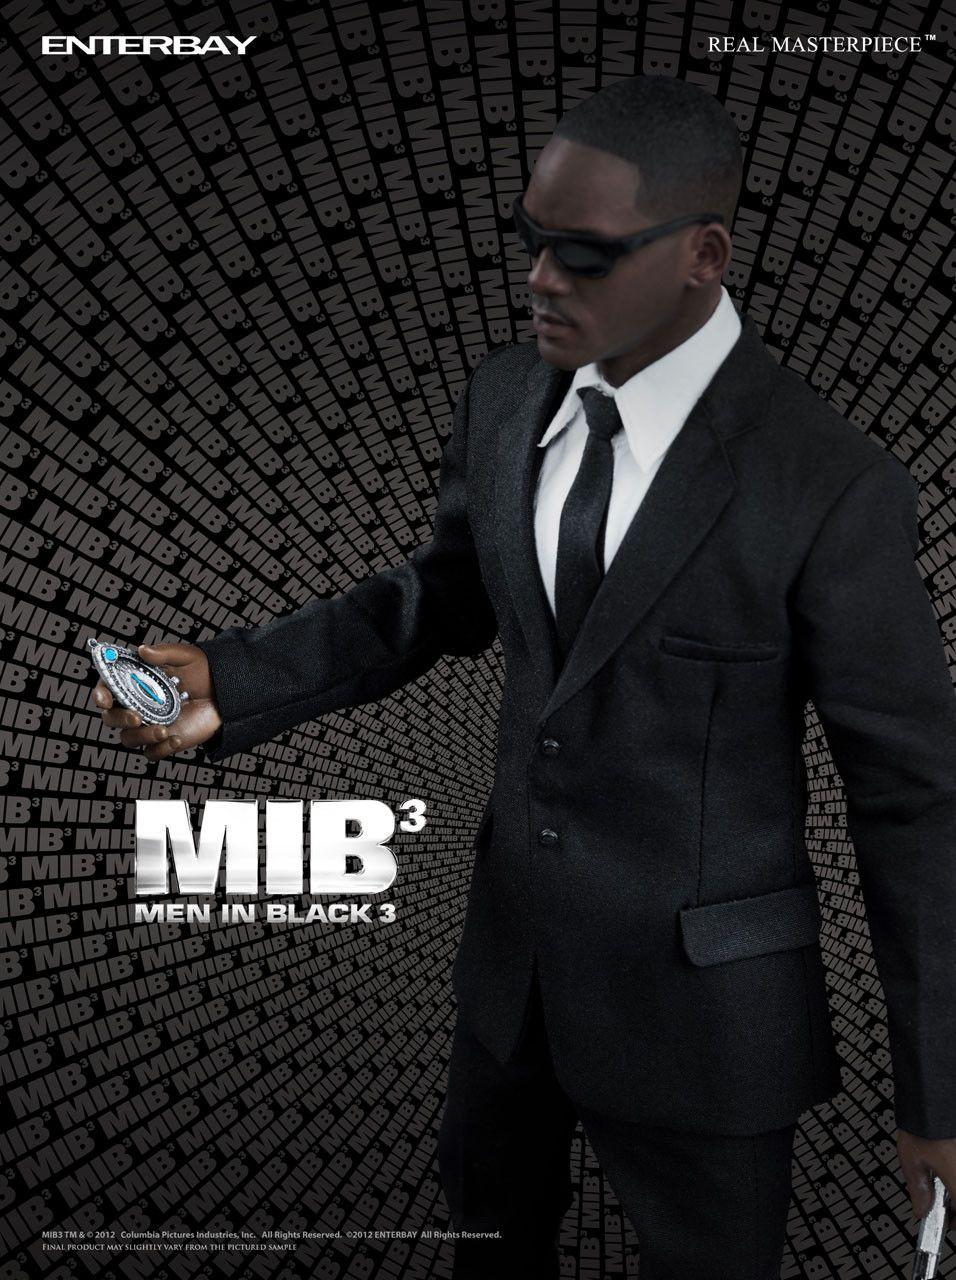 Boneco Agente J: Men In Black 3 (MIB3) (Escala 1/6) - Enterbay - CG